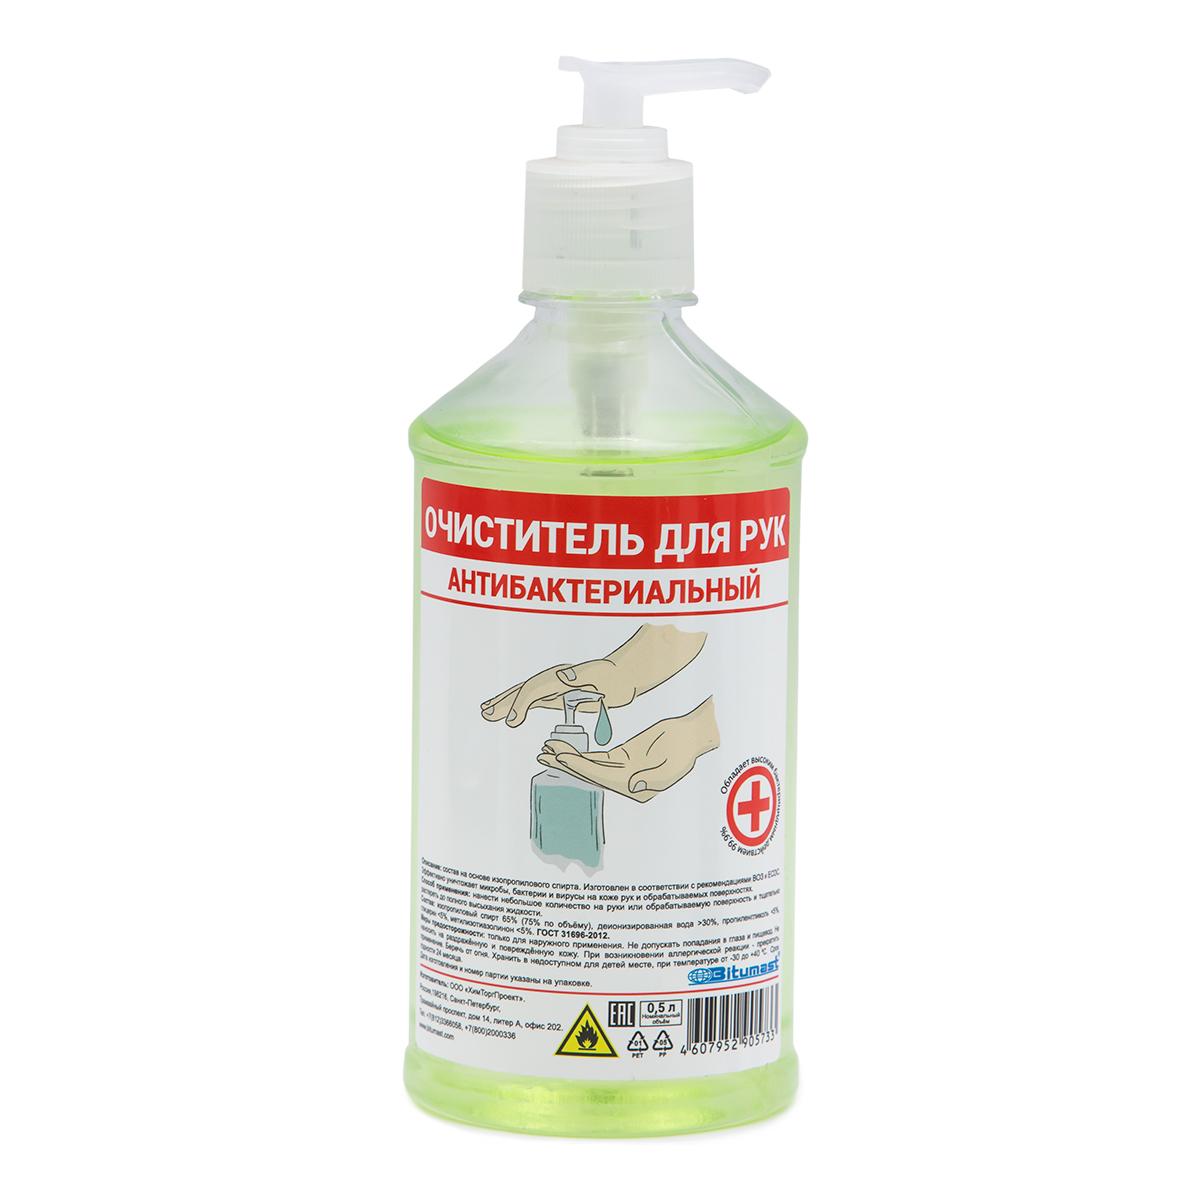 BITUMAST Очиститель для рук антибактериальный 0,5 л с дозатором